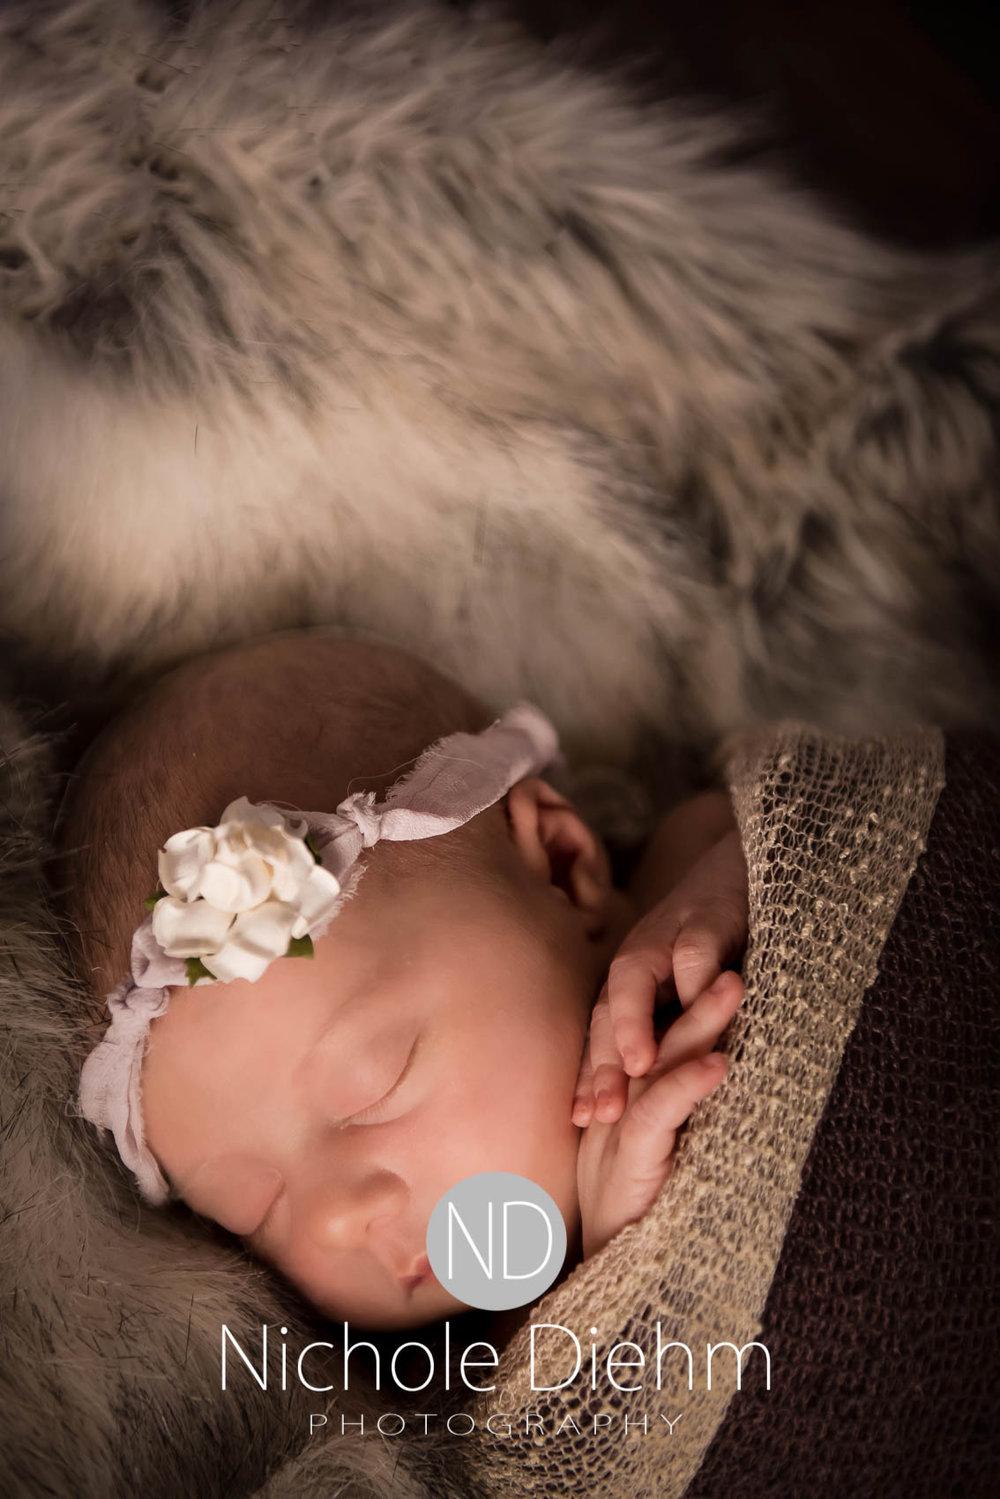 cedar-valley-iowa-photographer-newborn-nichole-diehm-photography-brielle114.jpg